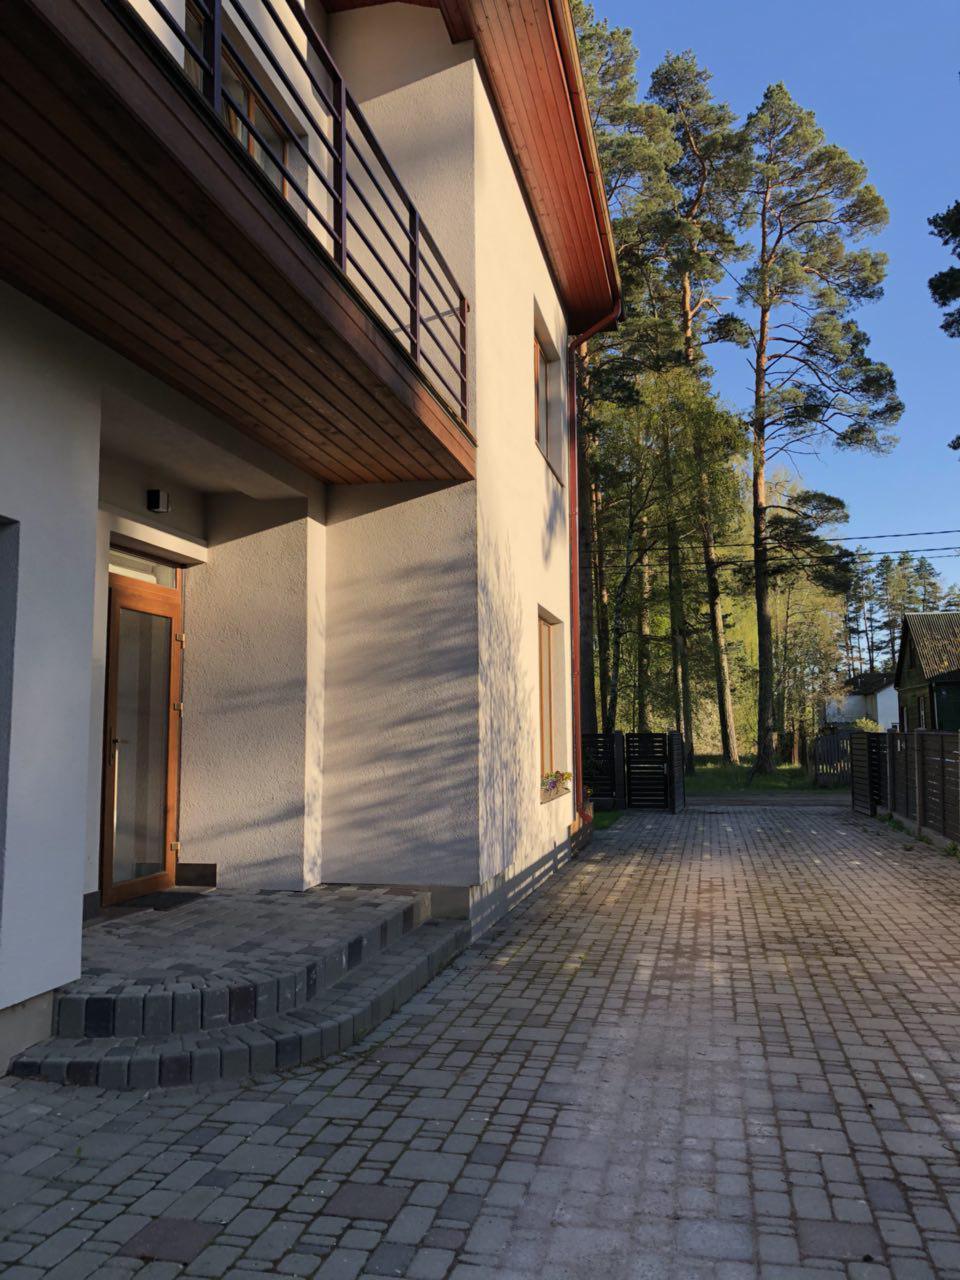 Pārdod māju, Aveņu iela - Attēls 1